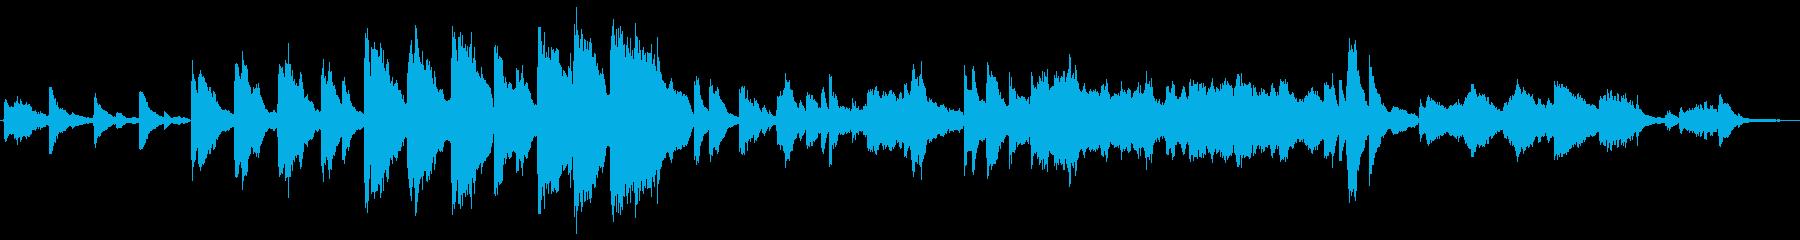 切ないドラマチックな映像にピアノと弦で。の再生済みの波形